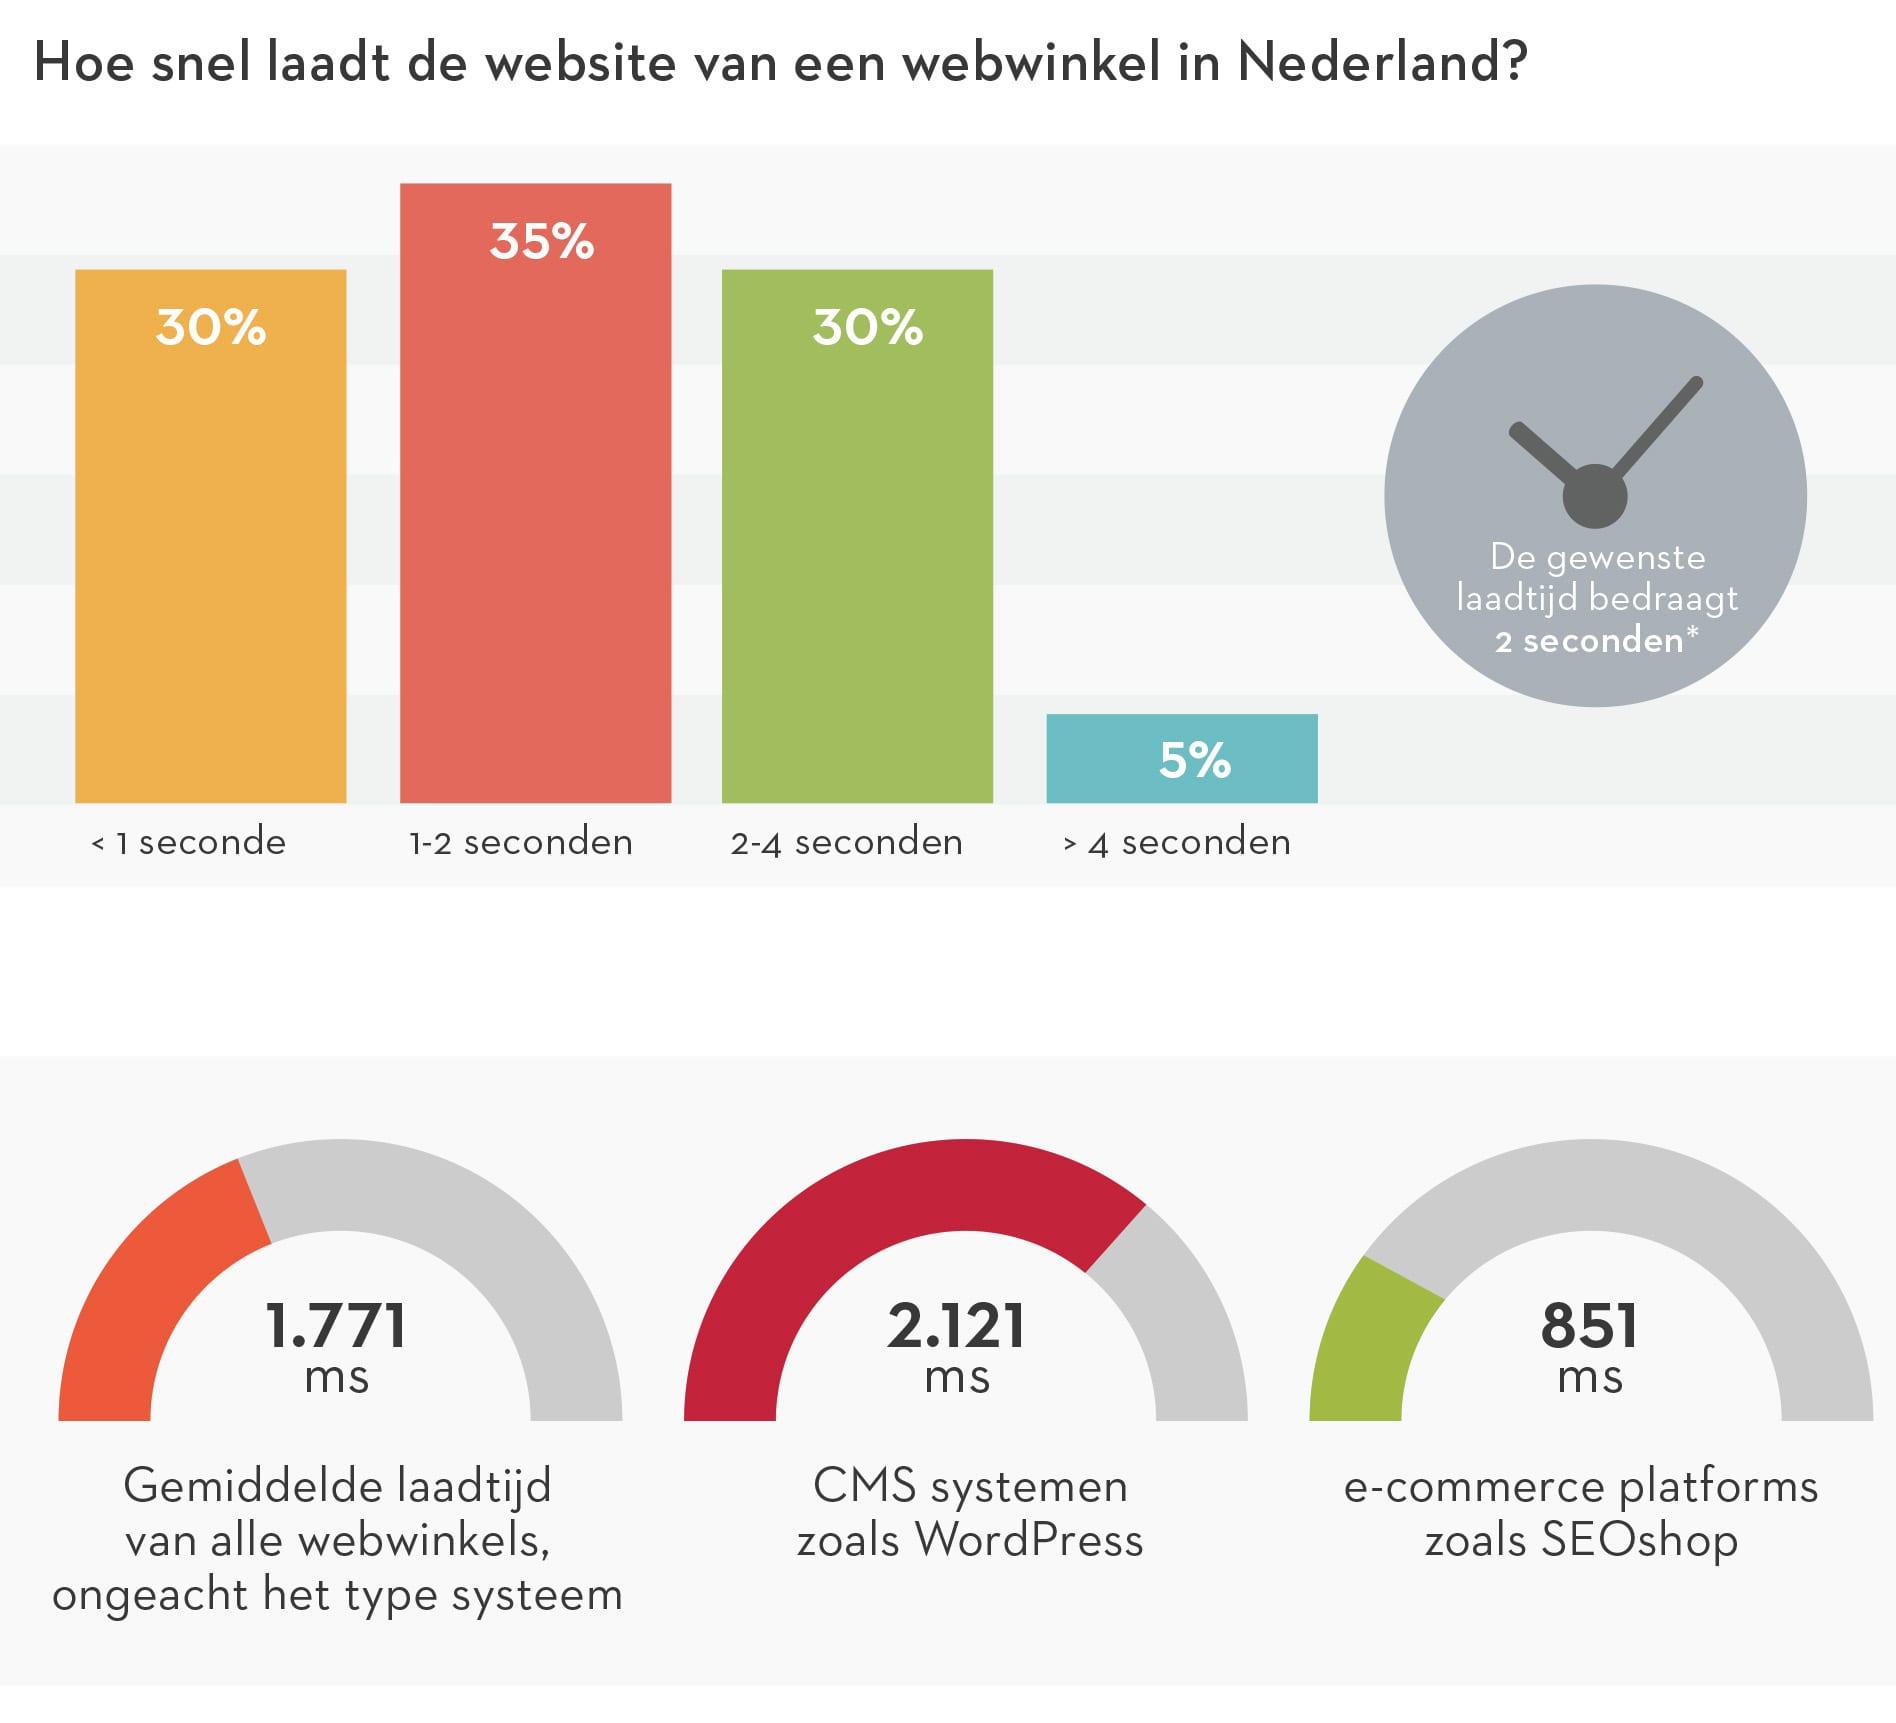 CASENGO WEBWINKEL MONITOR 2014 - DEFINITIEF